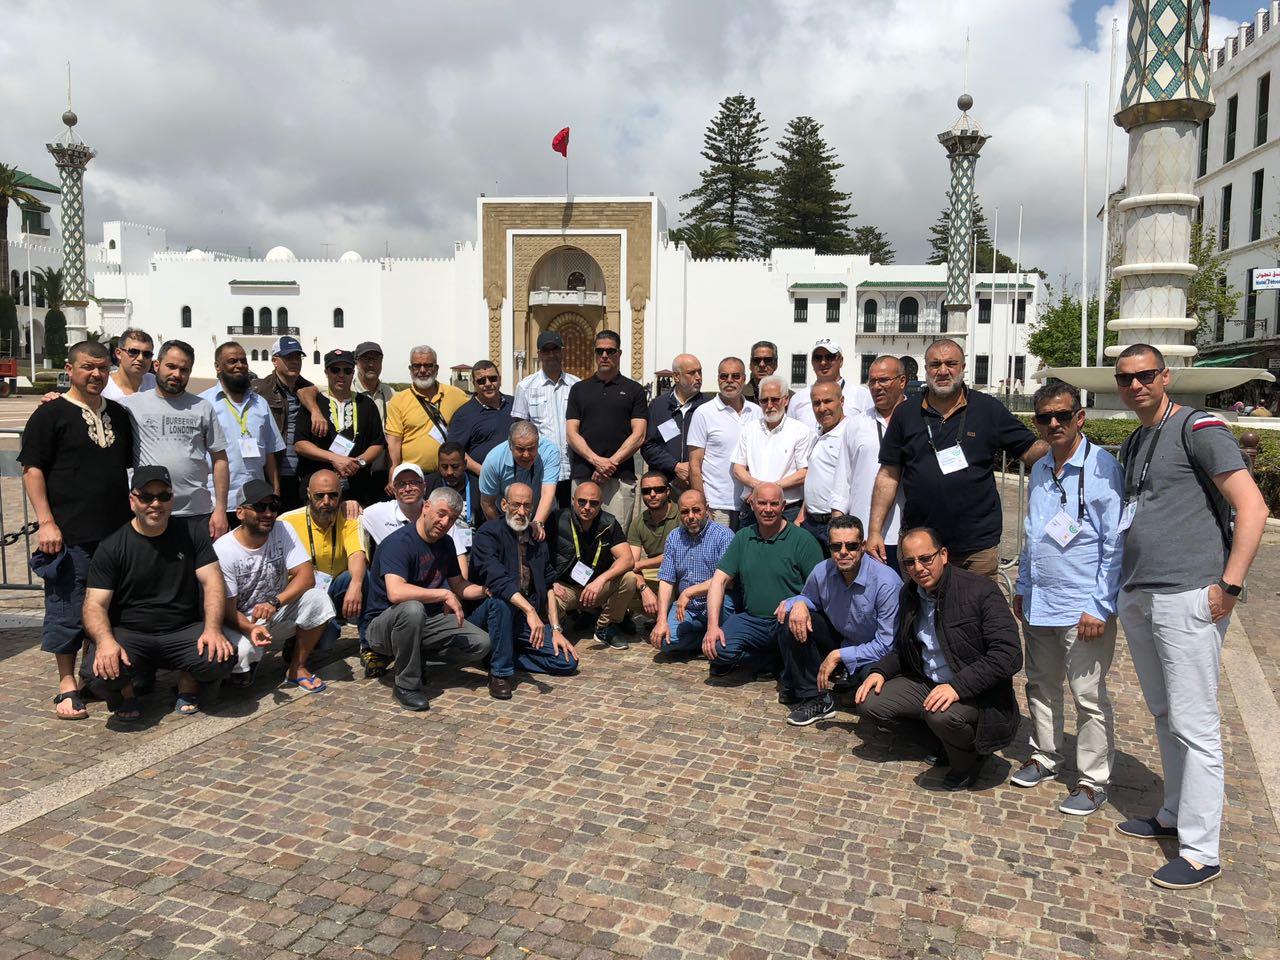 شاهد بالصور:الجمعية الاسلامية للشباب و الخدمات الاجتماعية بفرانكفورت بالمانيا تنظم زيارة تواصلية للمغرب